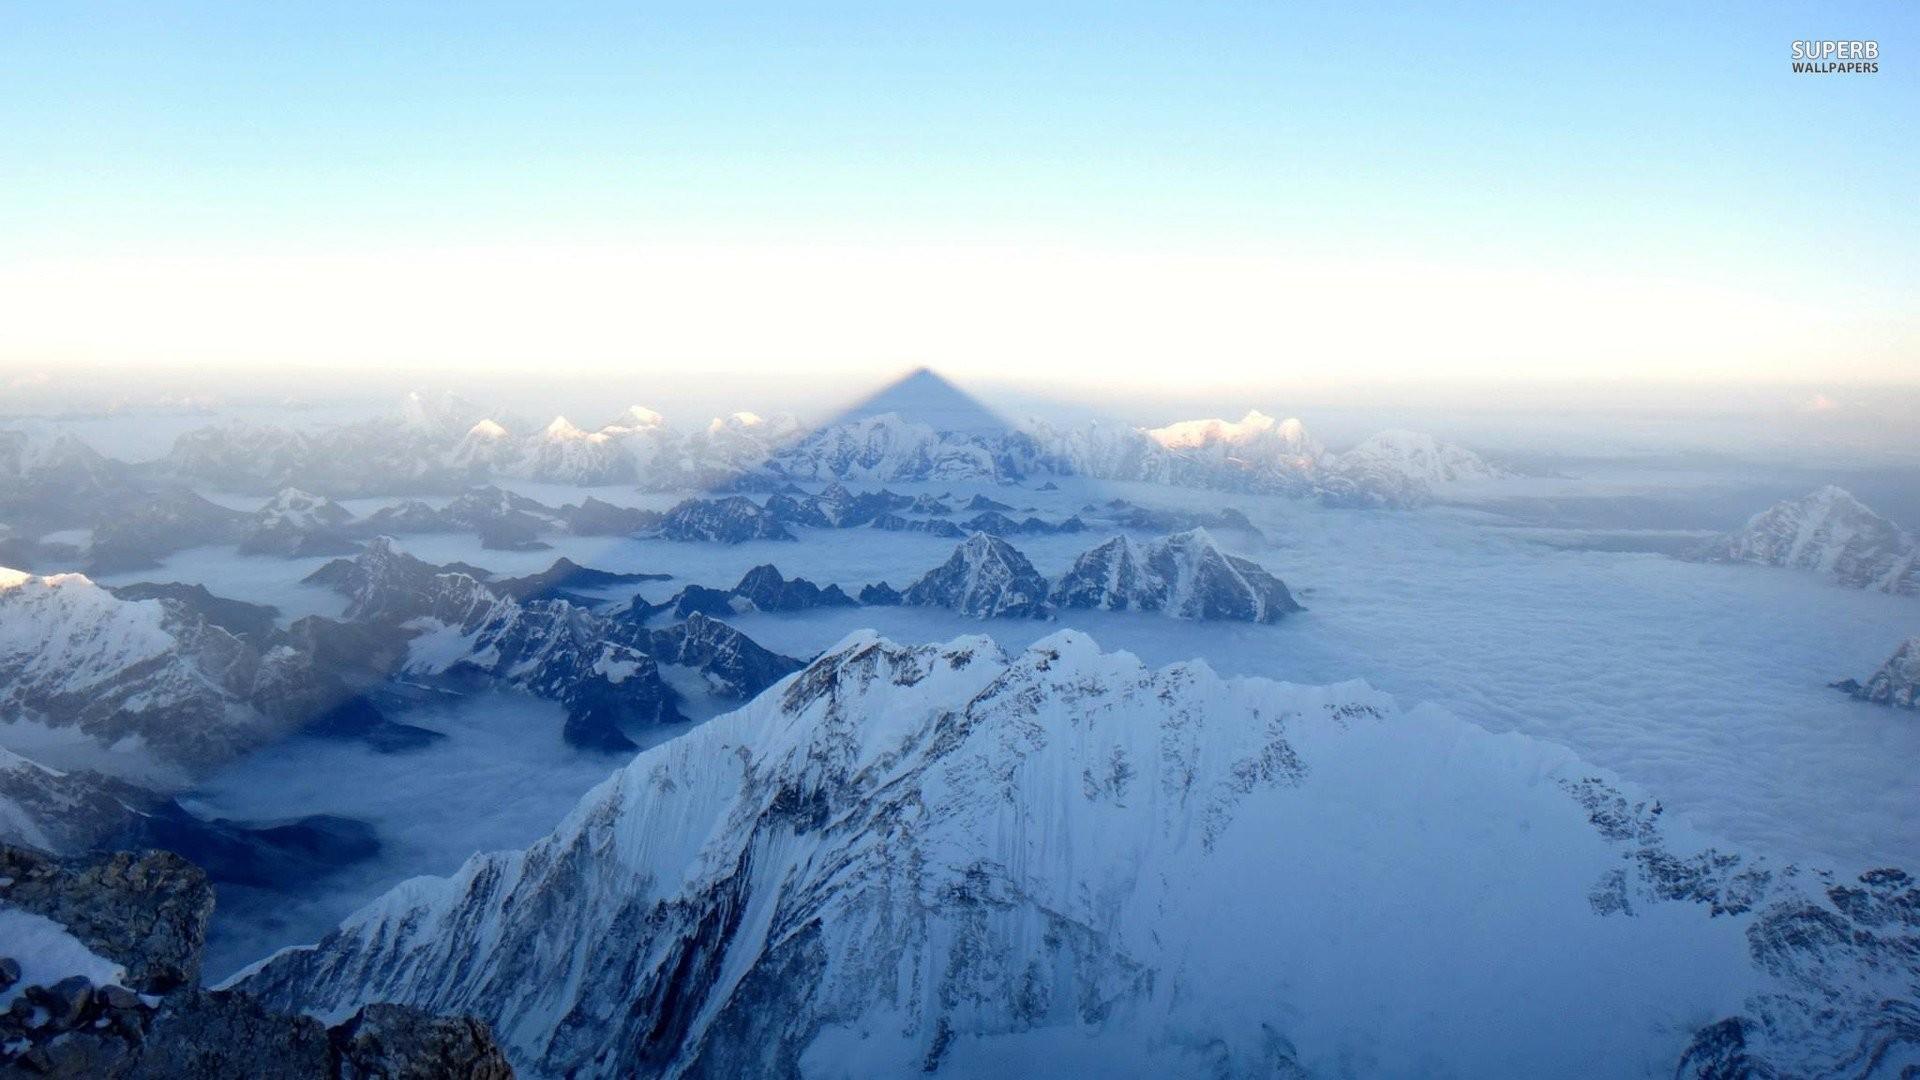 56 Mount Everest Wallpaper Hd